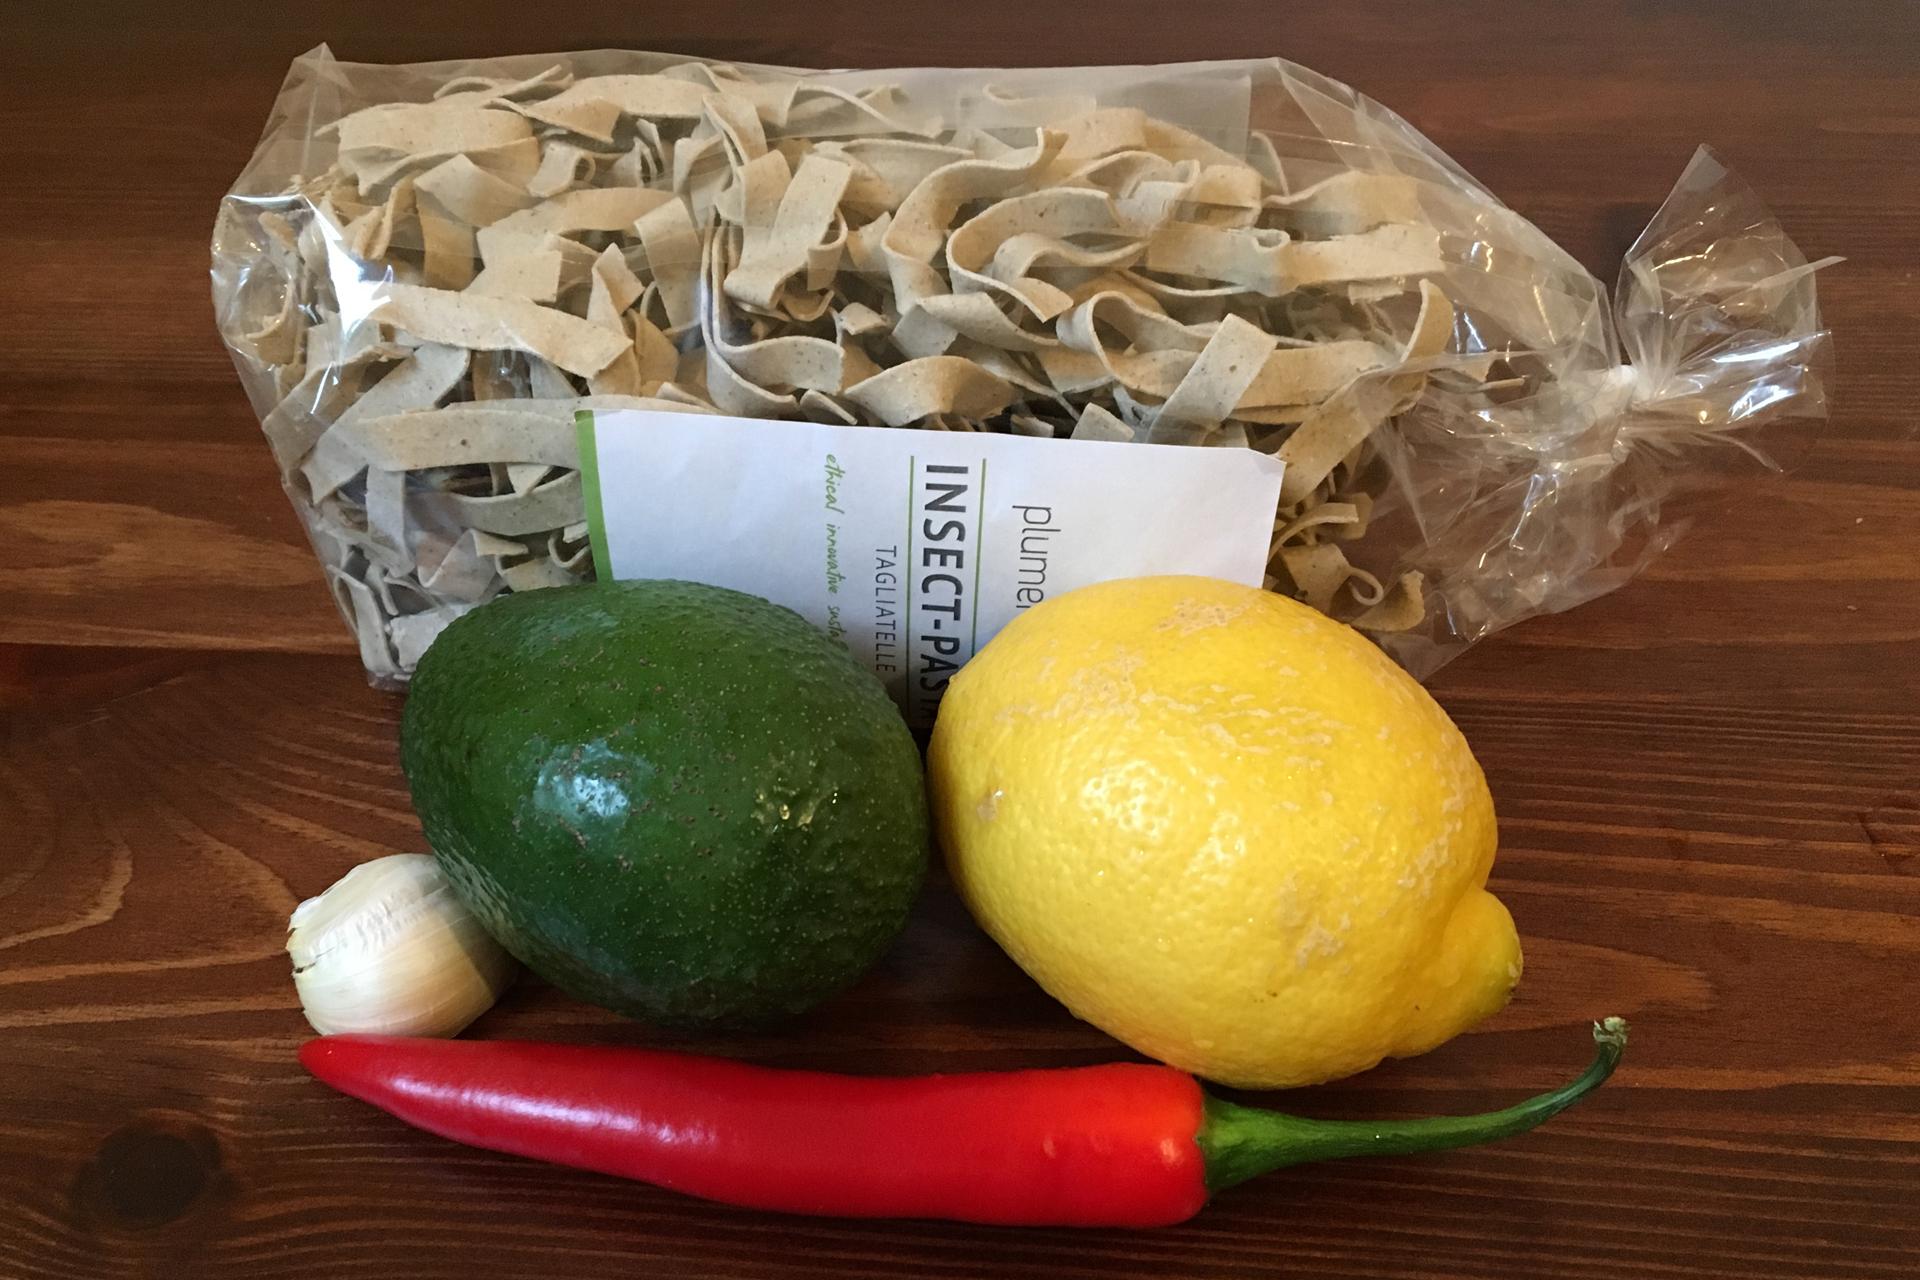 Zutaten für Insektenpasta mit Avocado-Zitronen-Soße